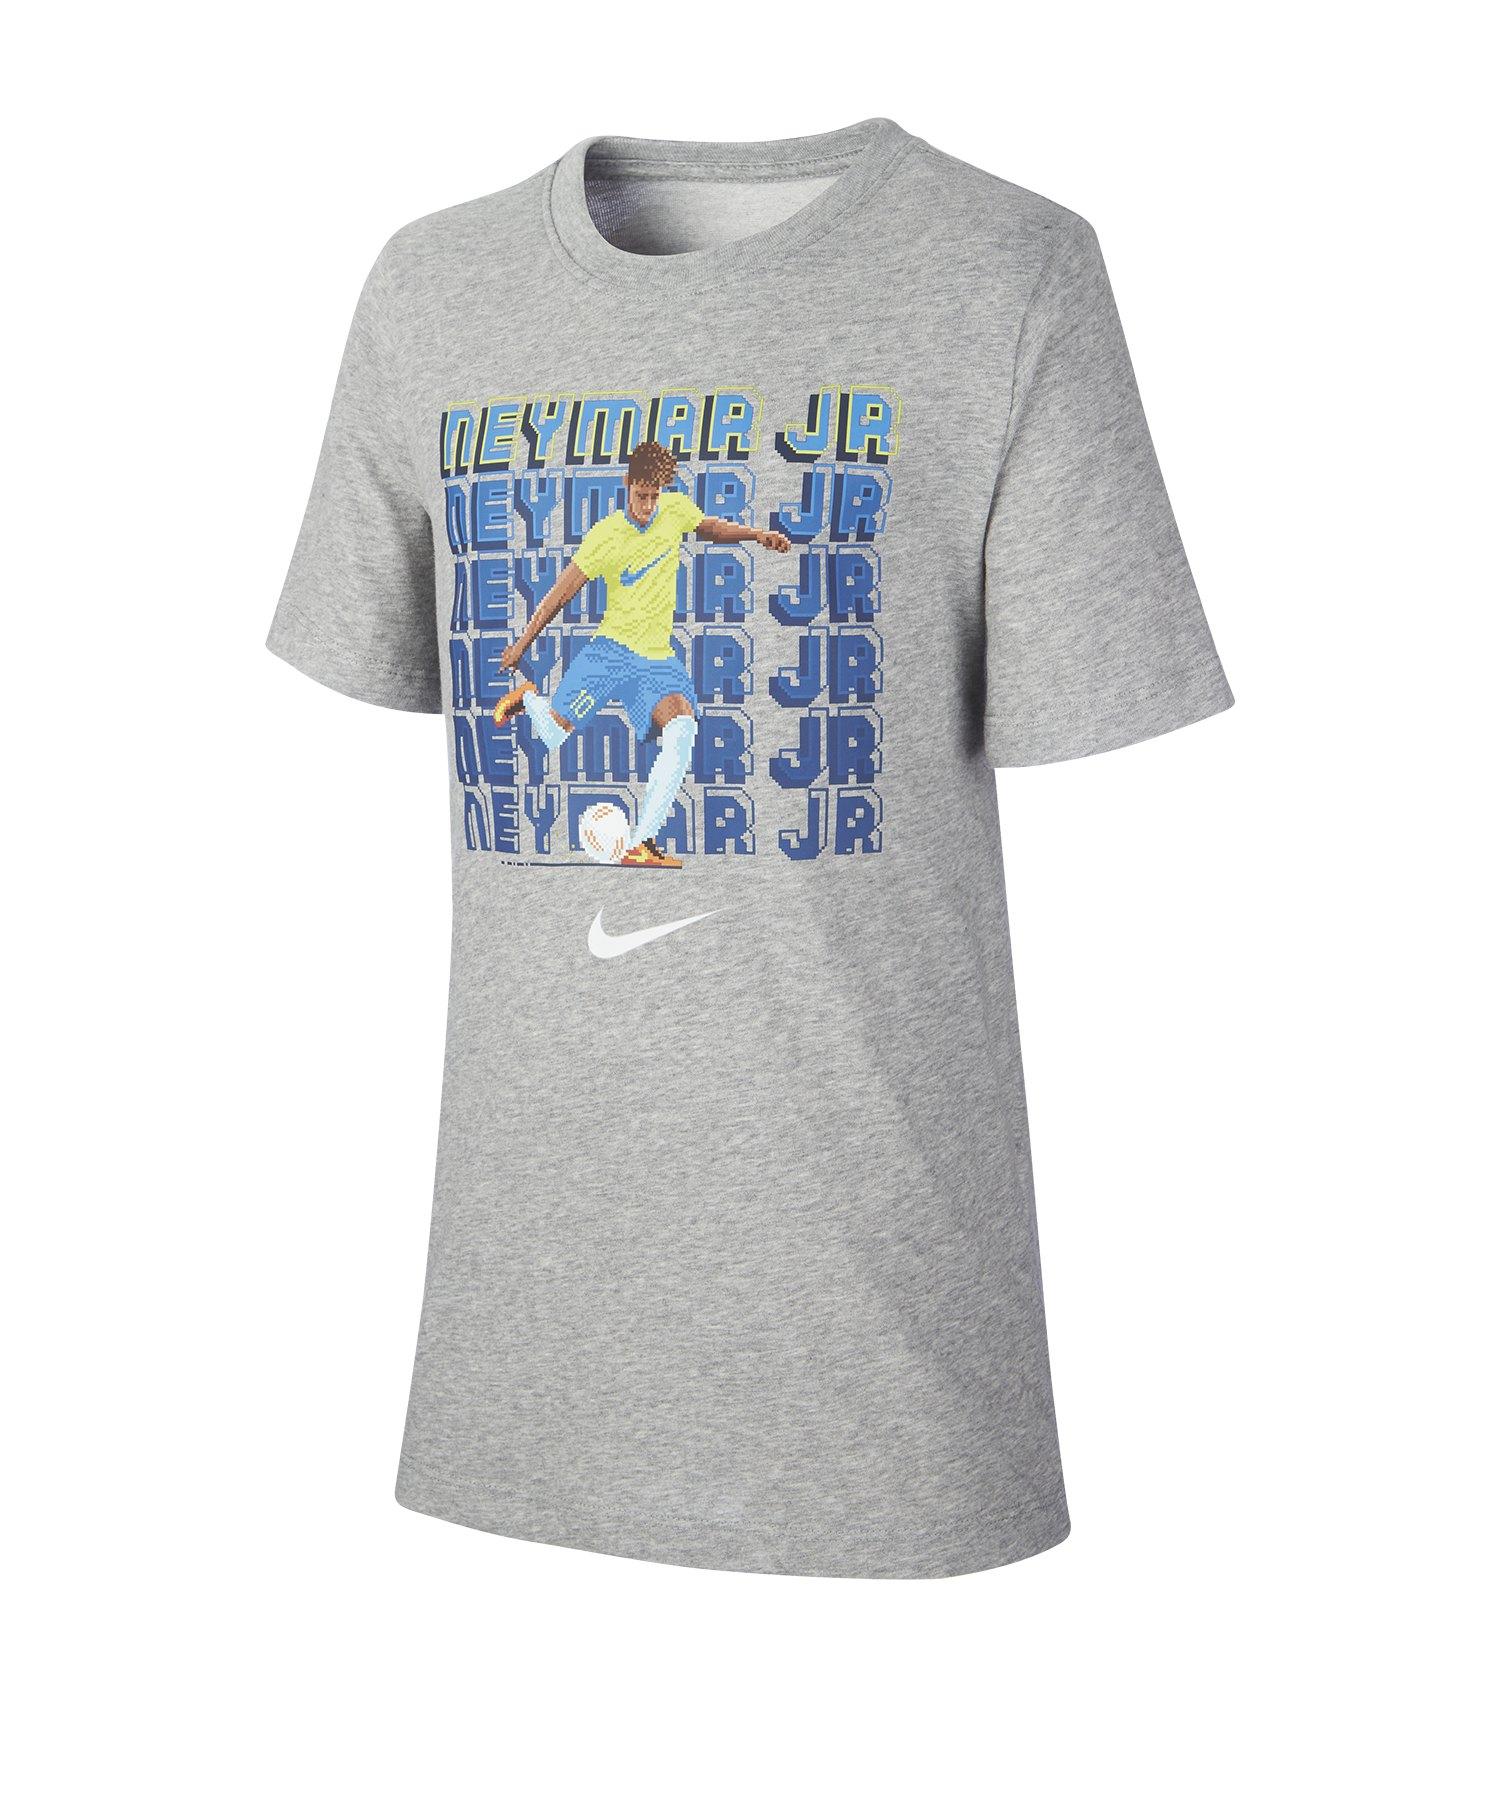 Nike Neymar Jr. Soccer Hero Tee T-Shirt Kids F063 - Grau